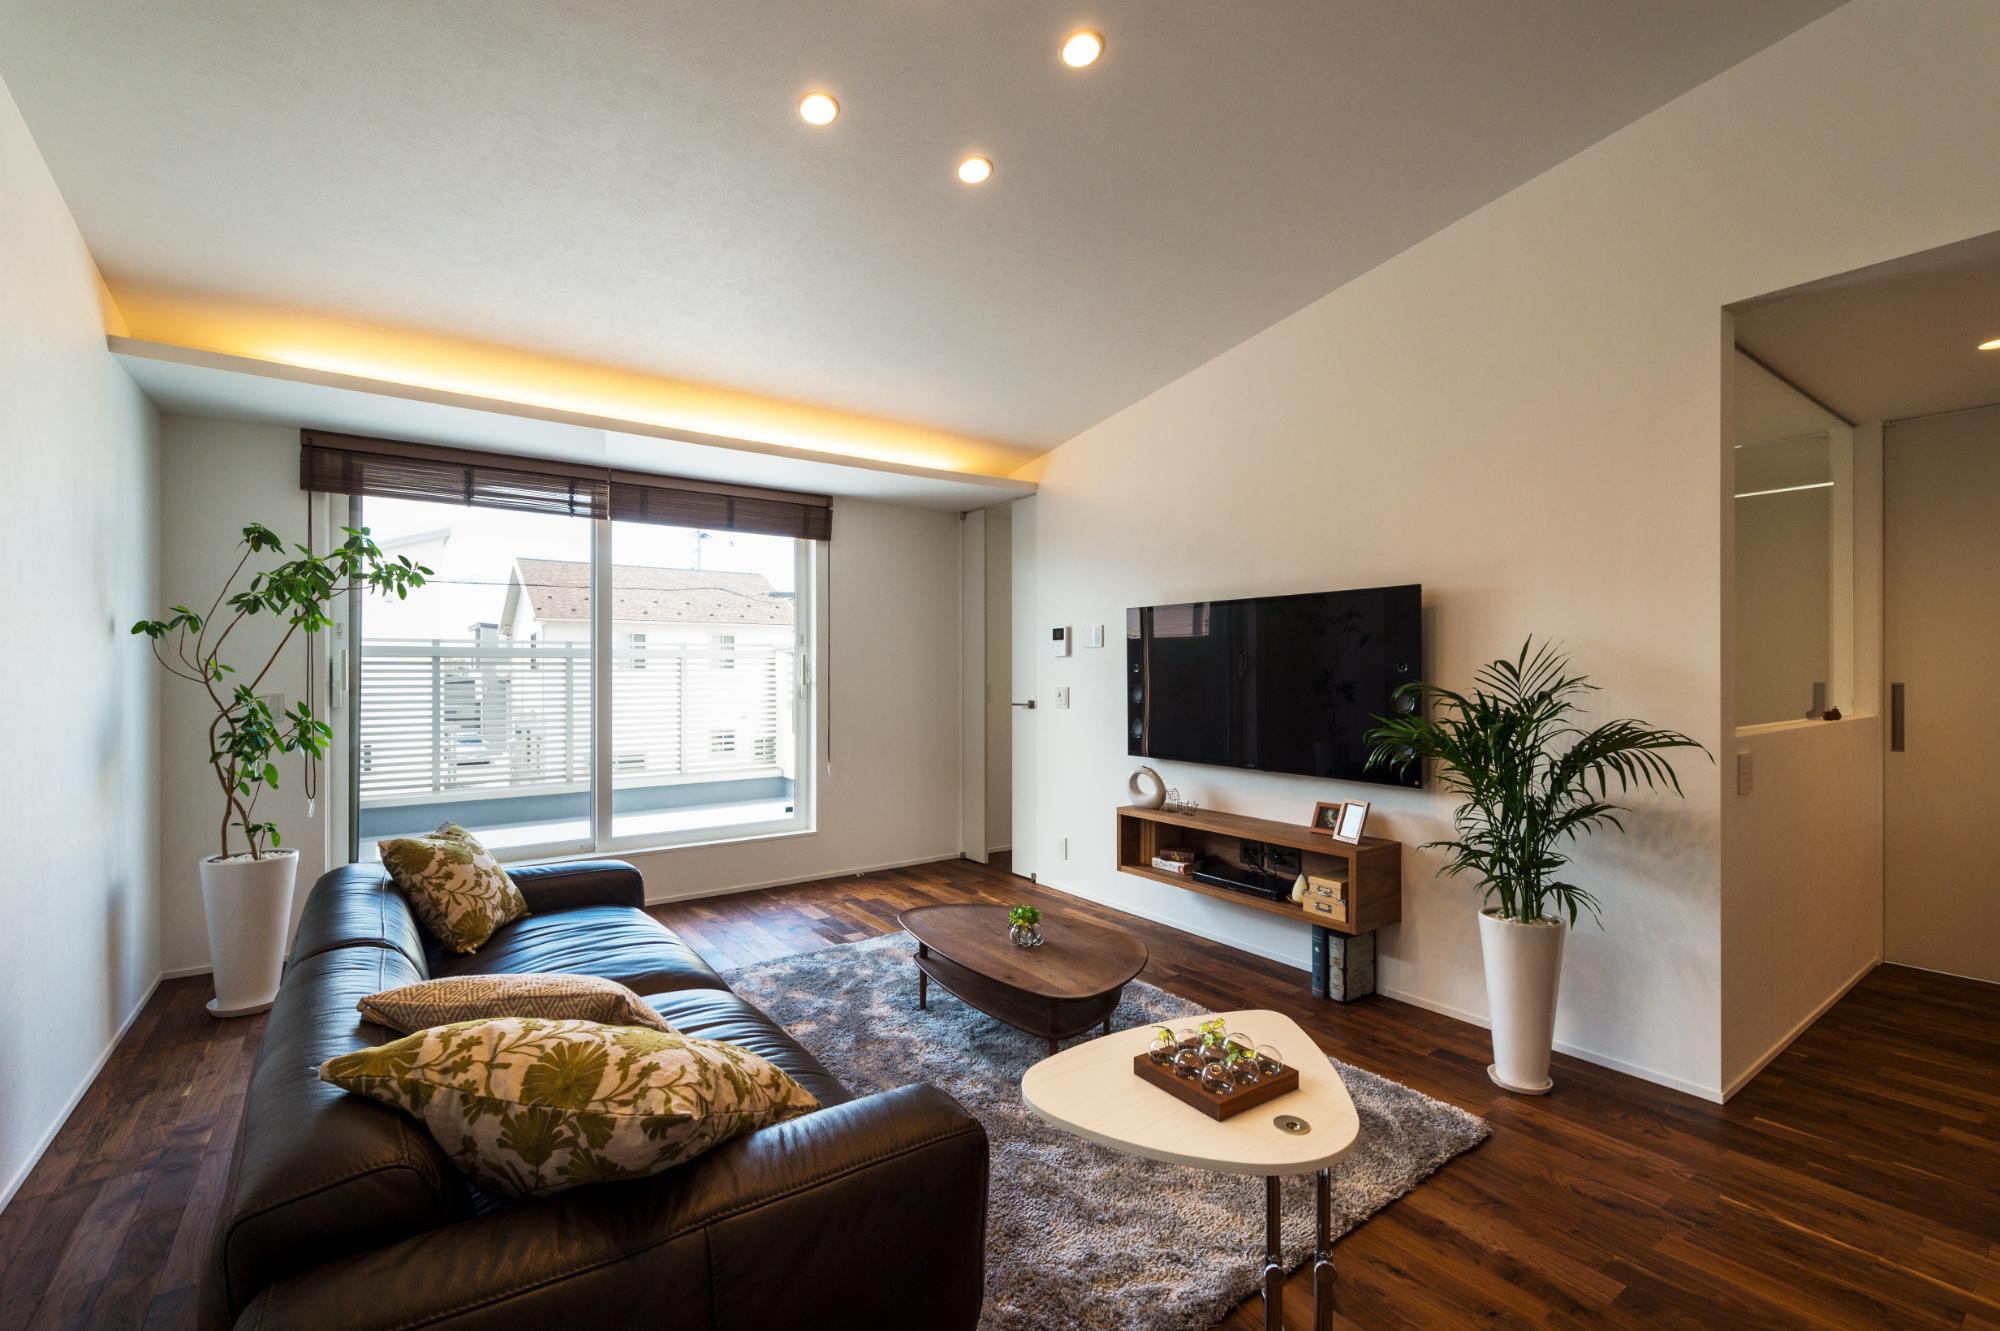 木の質感を生かしたシンプルなデザインの家の写真1